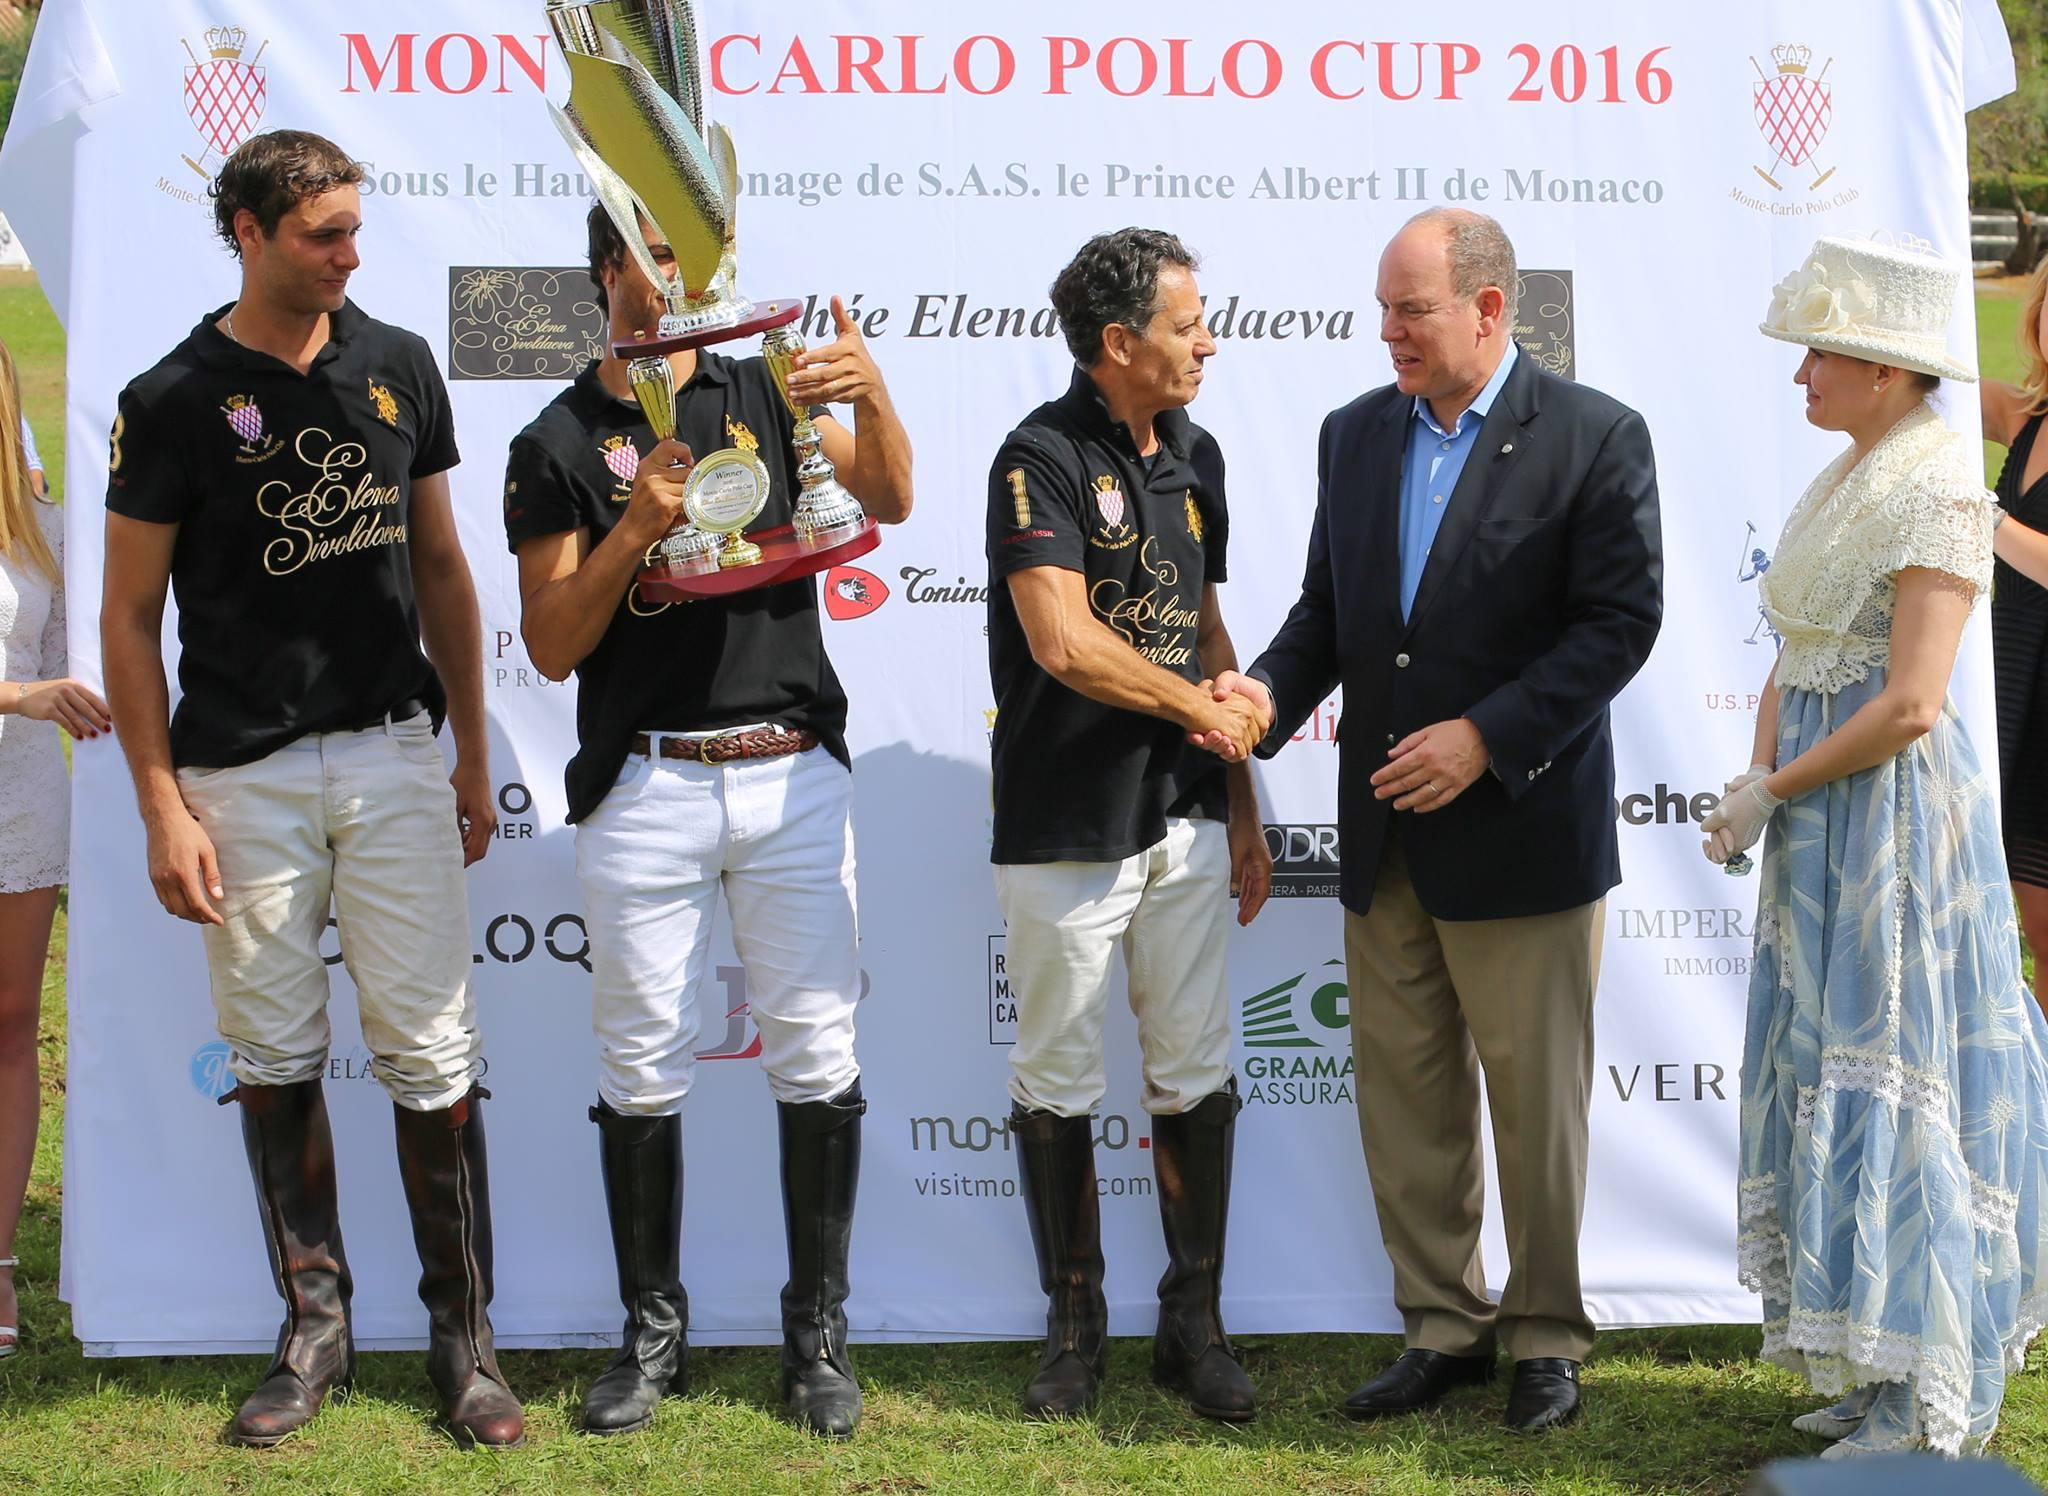 Победители Кубка поло Монте-Карло-2016 - команда Елены Сиволдаевой